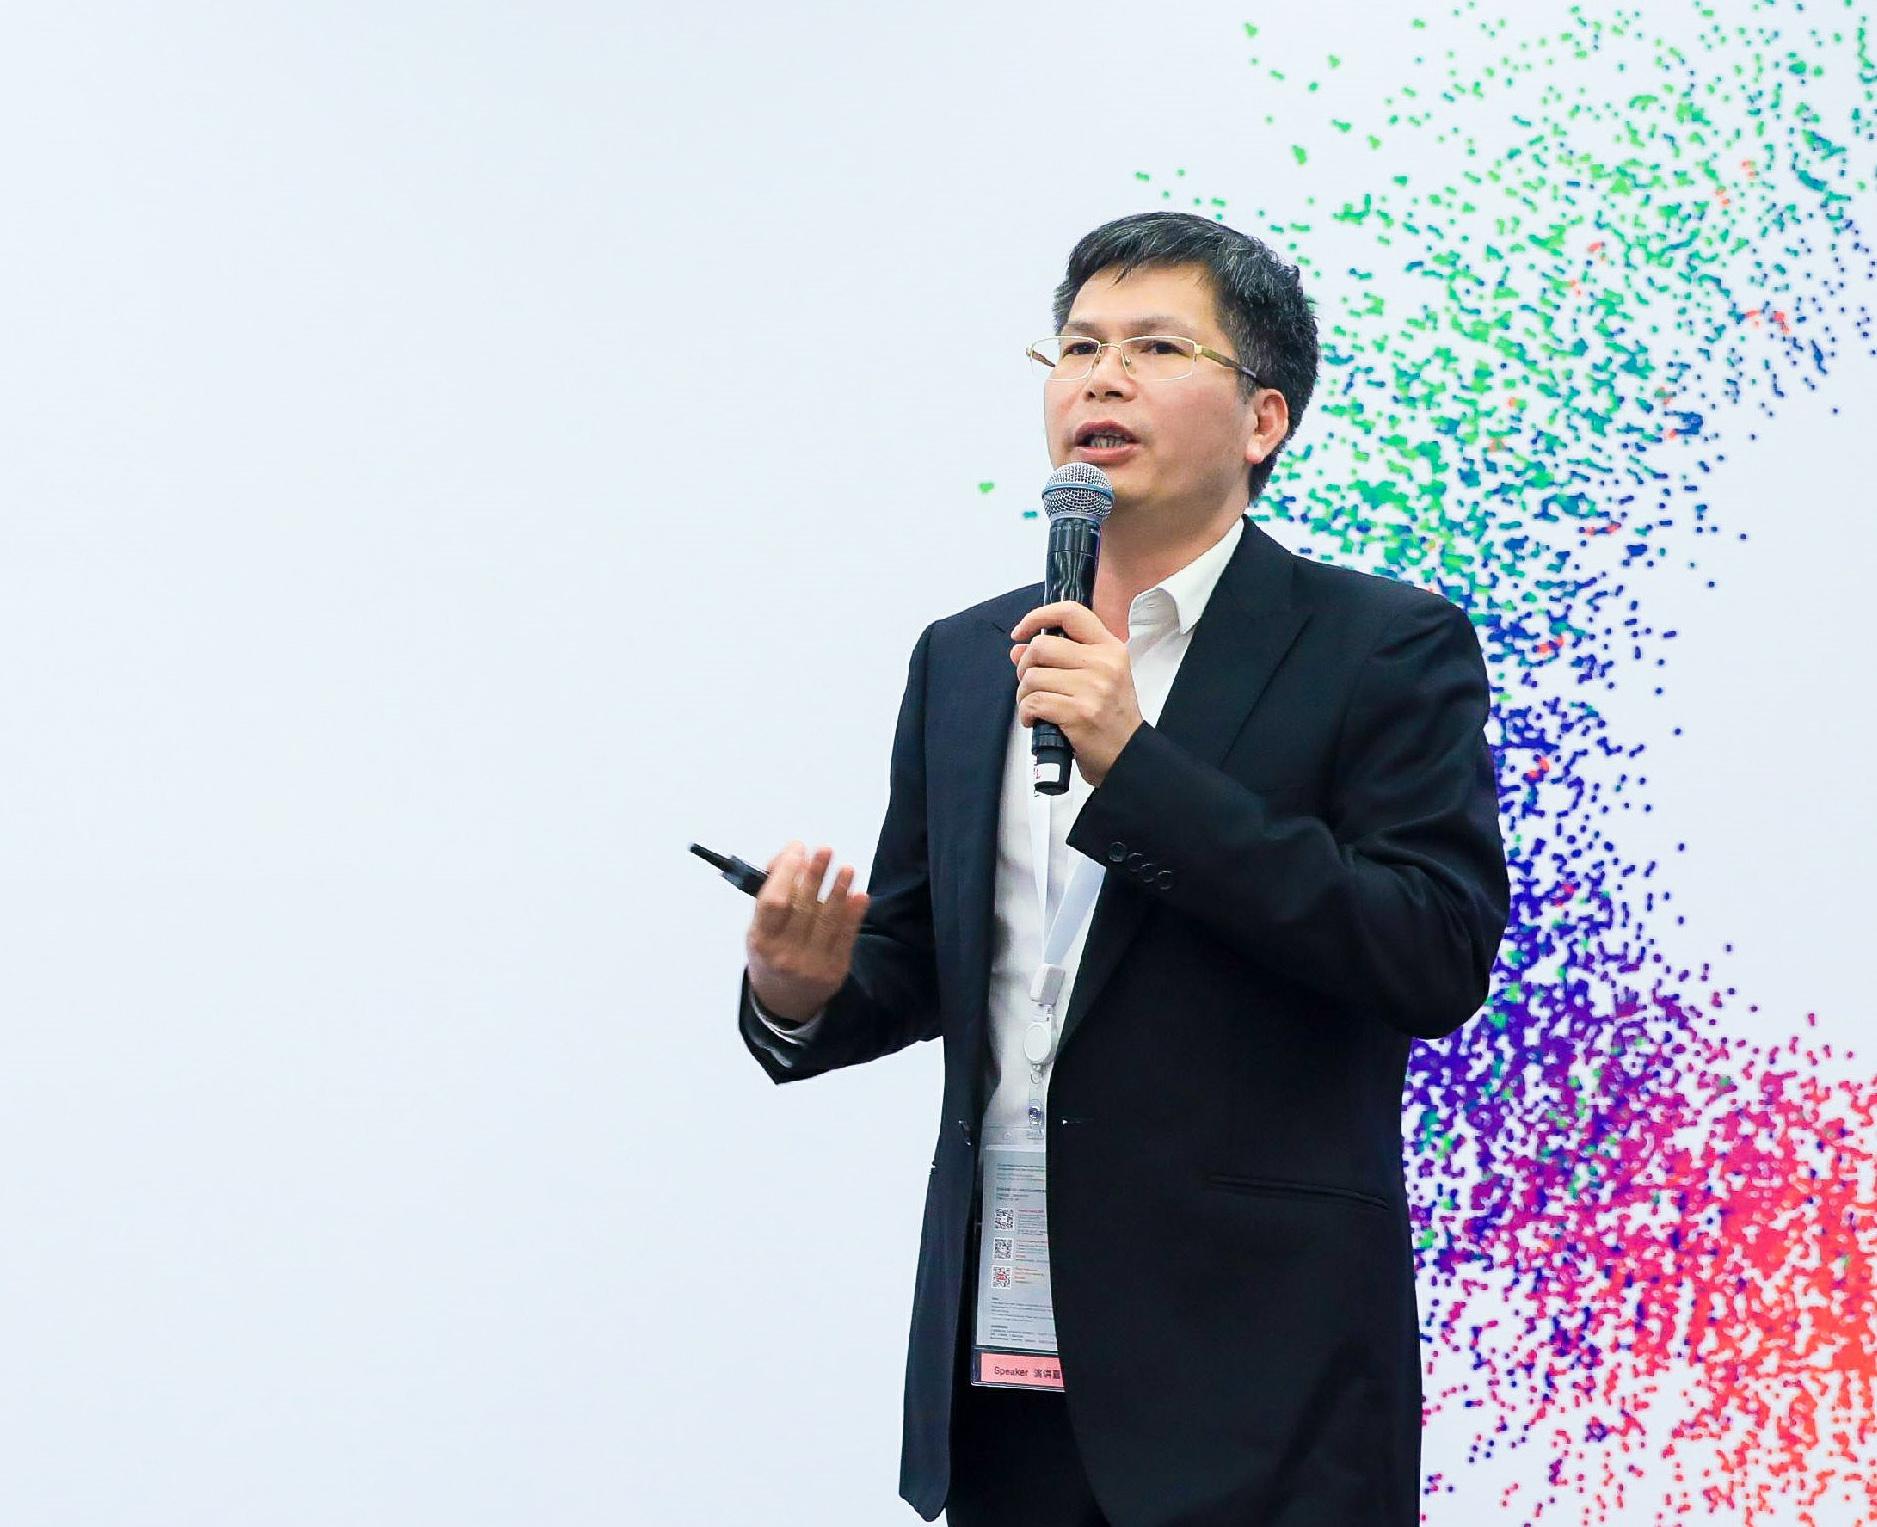 专访柯清超教授:大数据驱动下的课堂教学创新